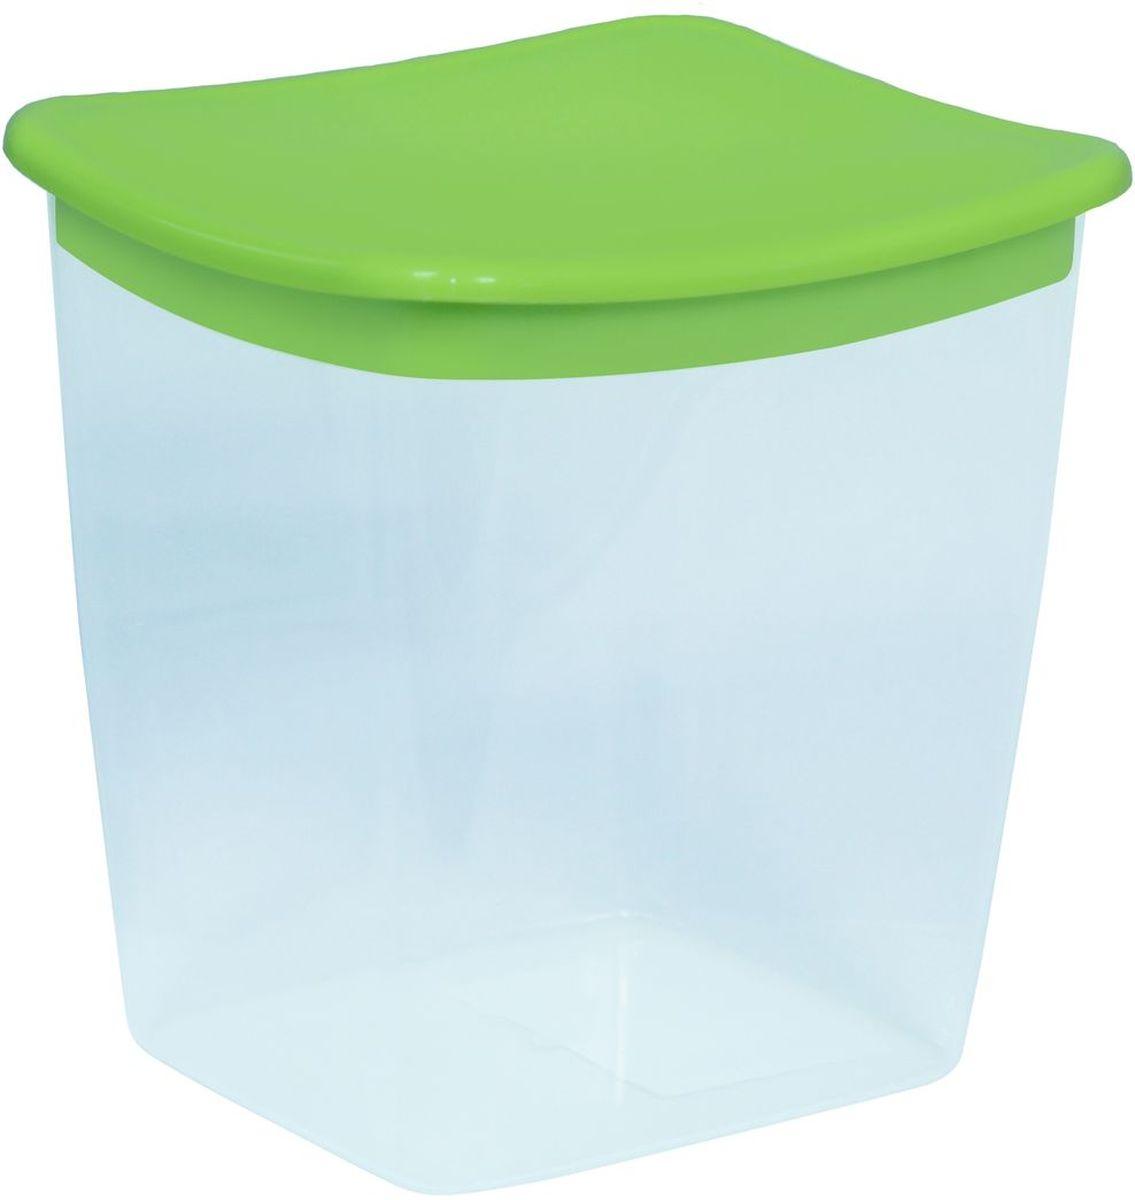 Емкость для сыпучих продуктов Idea, квадратная, цвет: салатовый, 1 лМ 1223